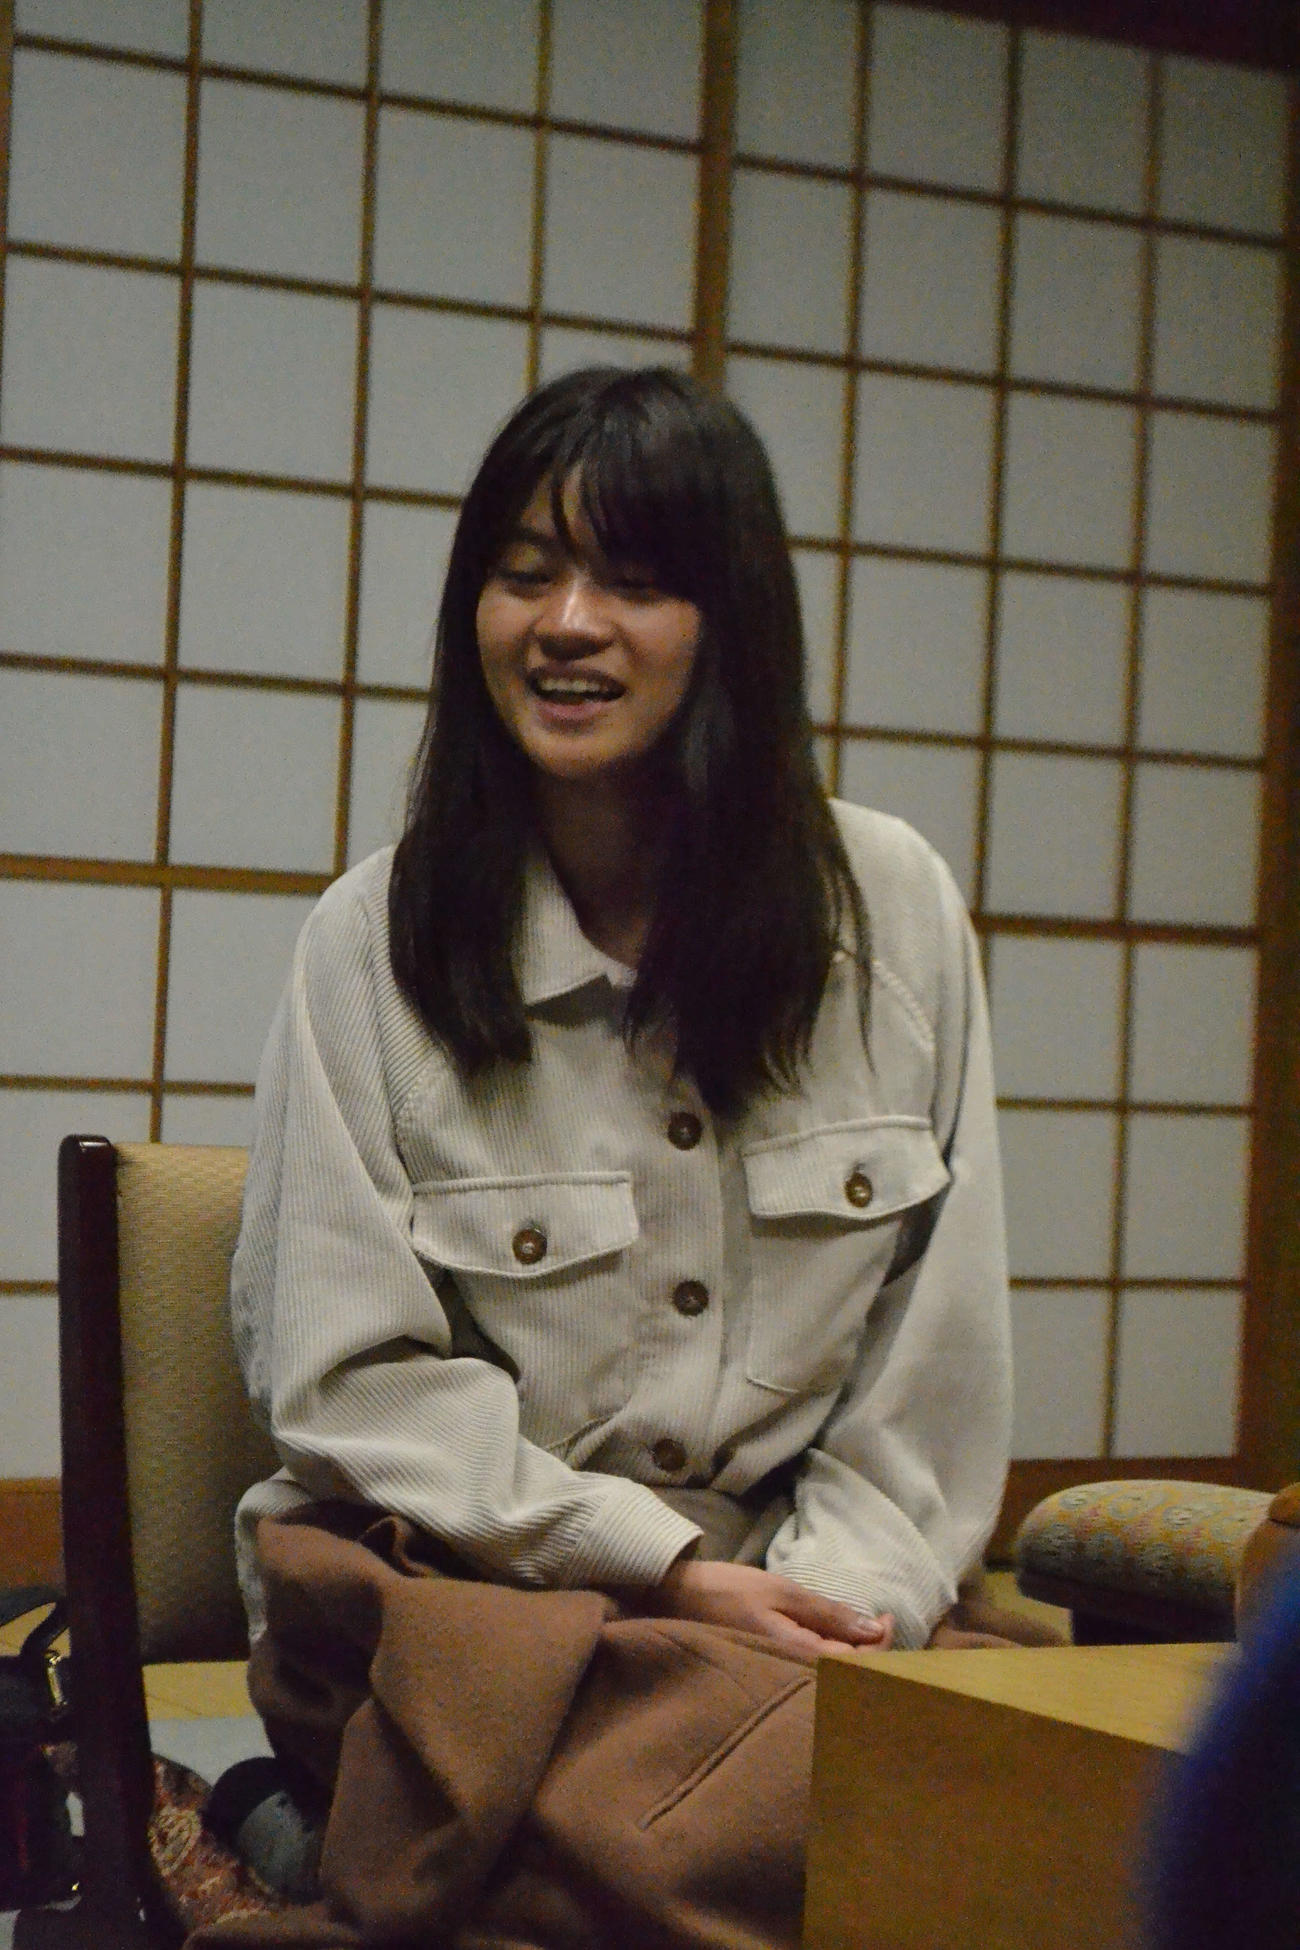 藤沢里菜女流名人(2019年11月18日撮影)